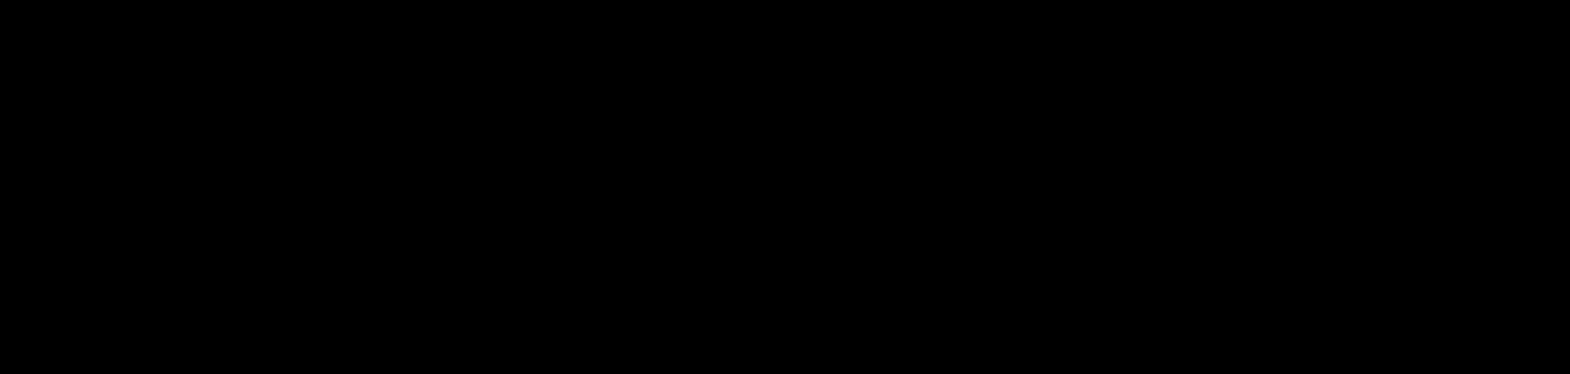 ものがたり珈琲ロゴ